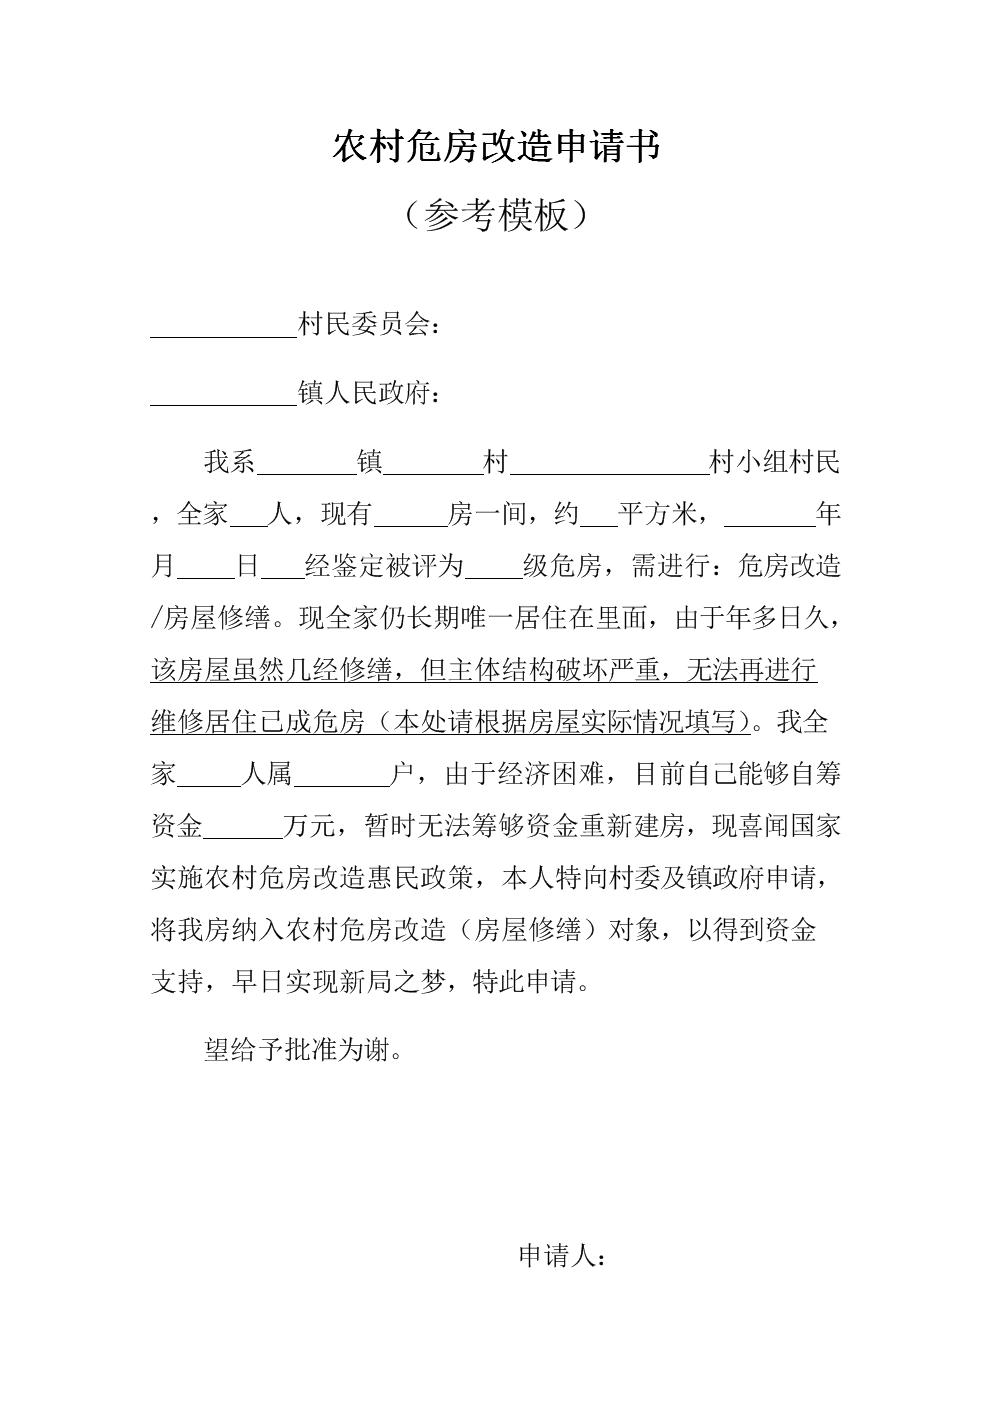 扶贫济困工作——农村危房改造申请书(参考模板).docx